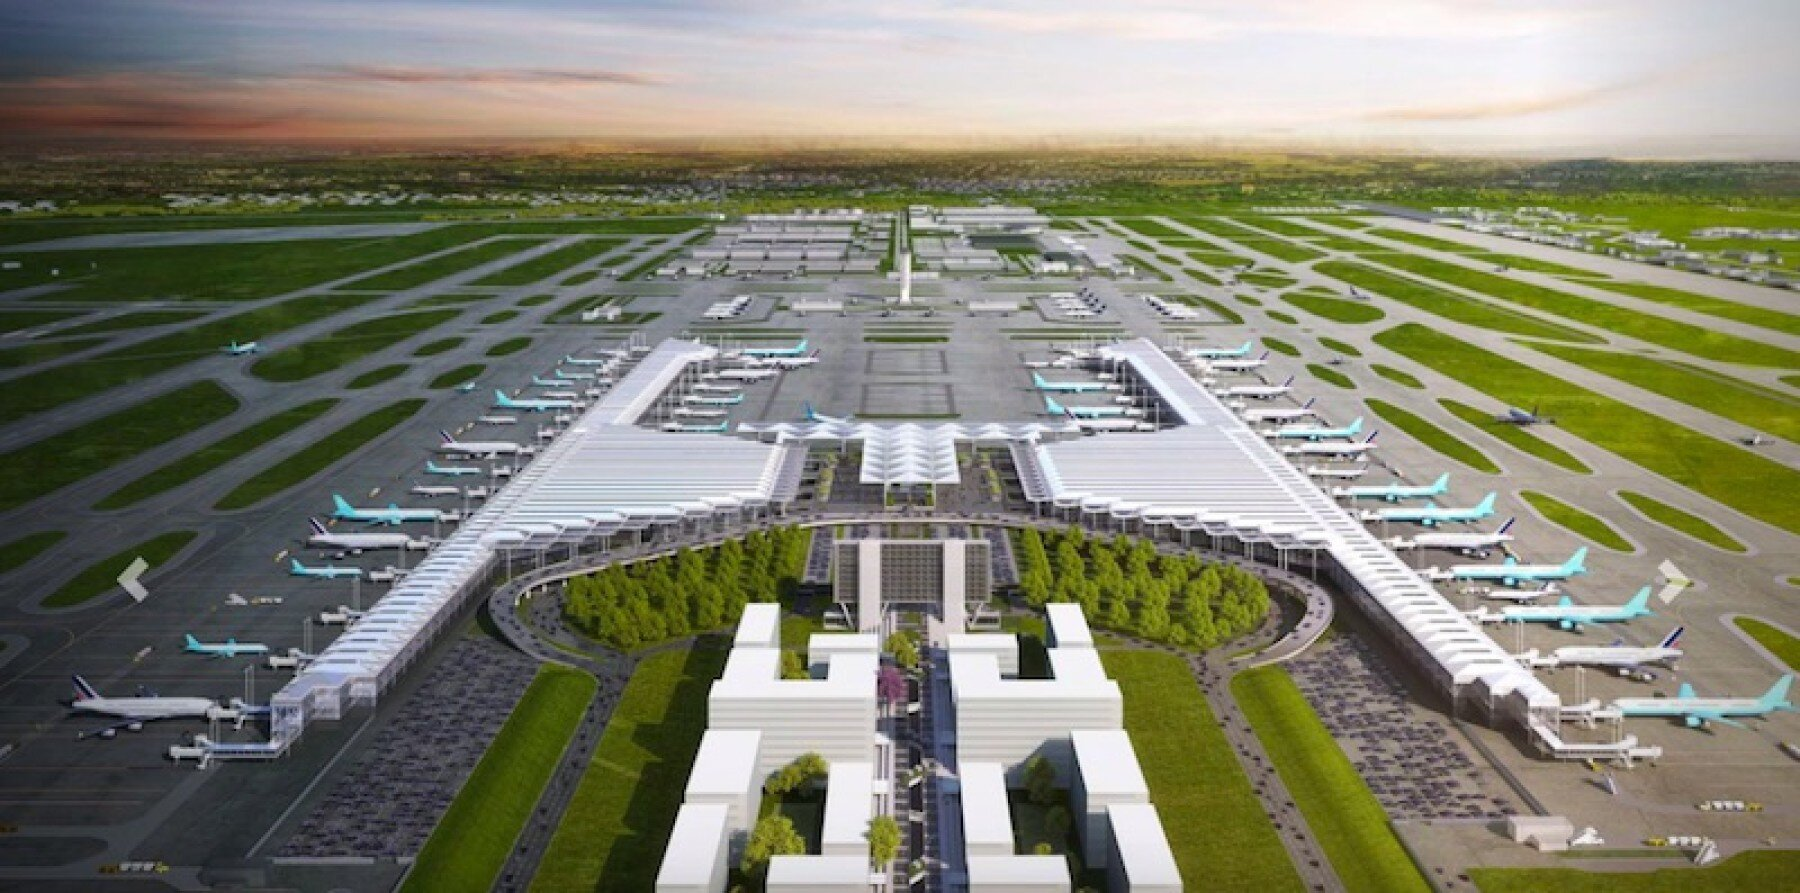 Aeropuerto de Santa Lucía iniciará operaciones el 21 de marzo del 2022